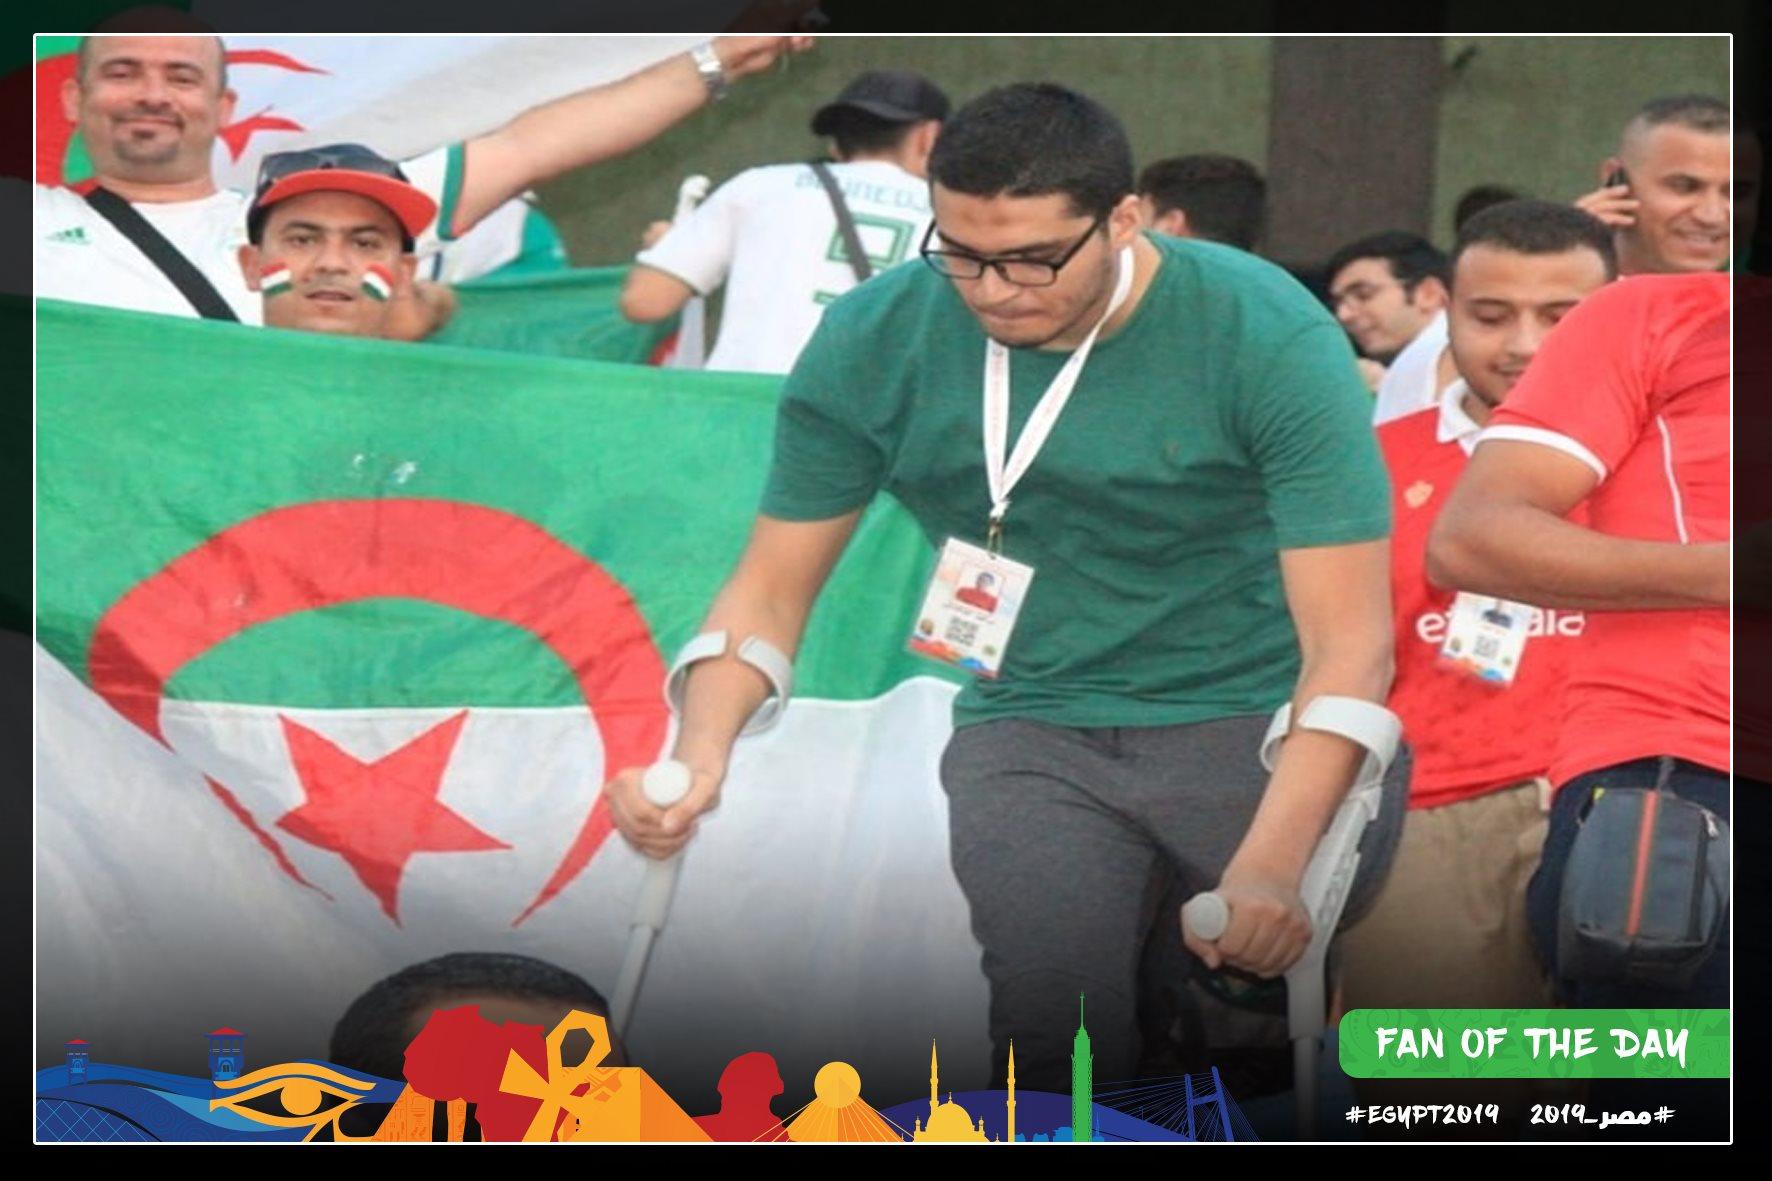 مشجع في مباراة الجزائر